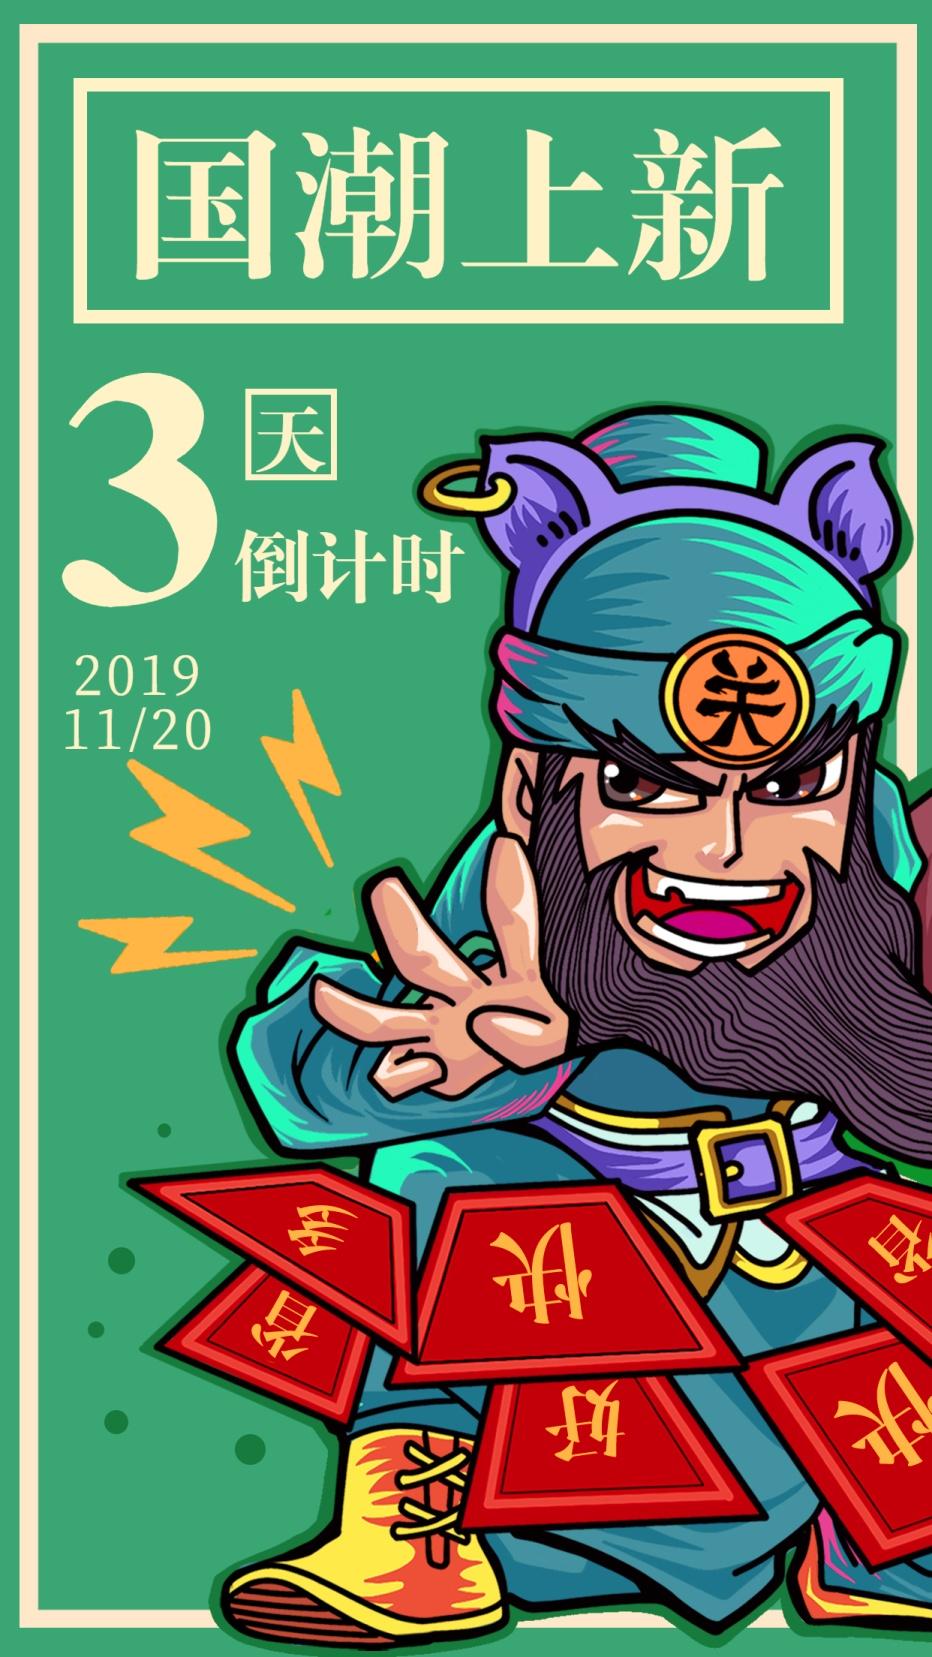 国潮上新/插画/手机海报